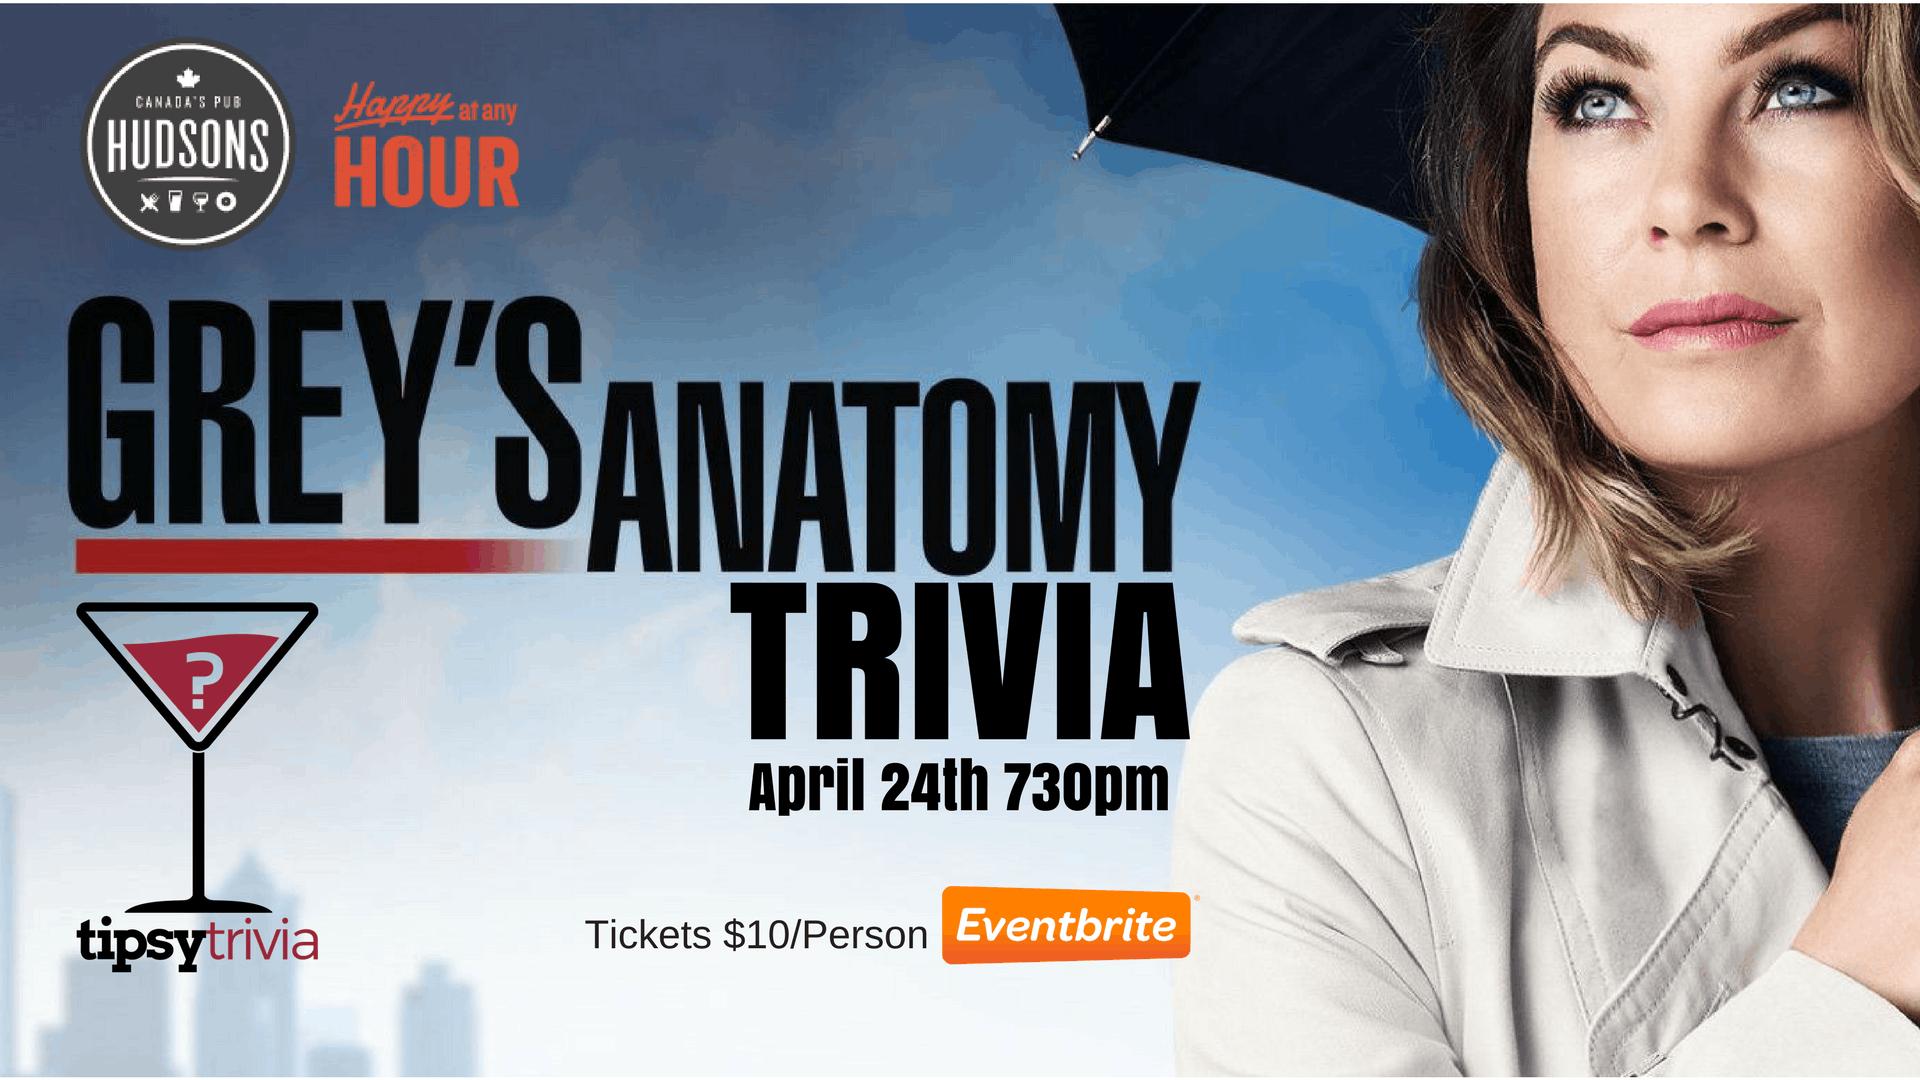 Greys Anatomy Trivia Hudsons Saskatoon April 24th 730pm at Hudsons ...